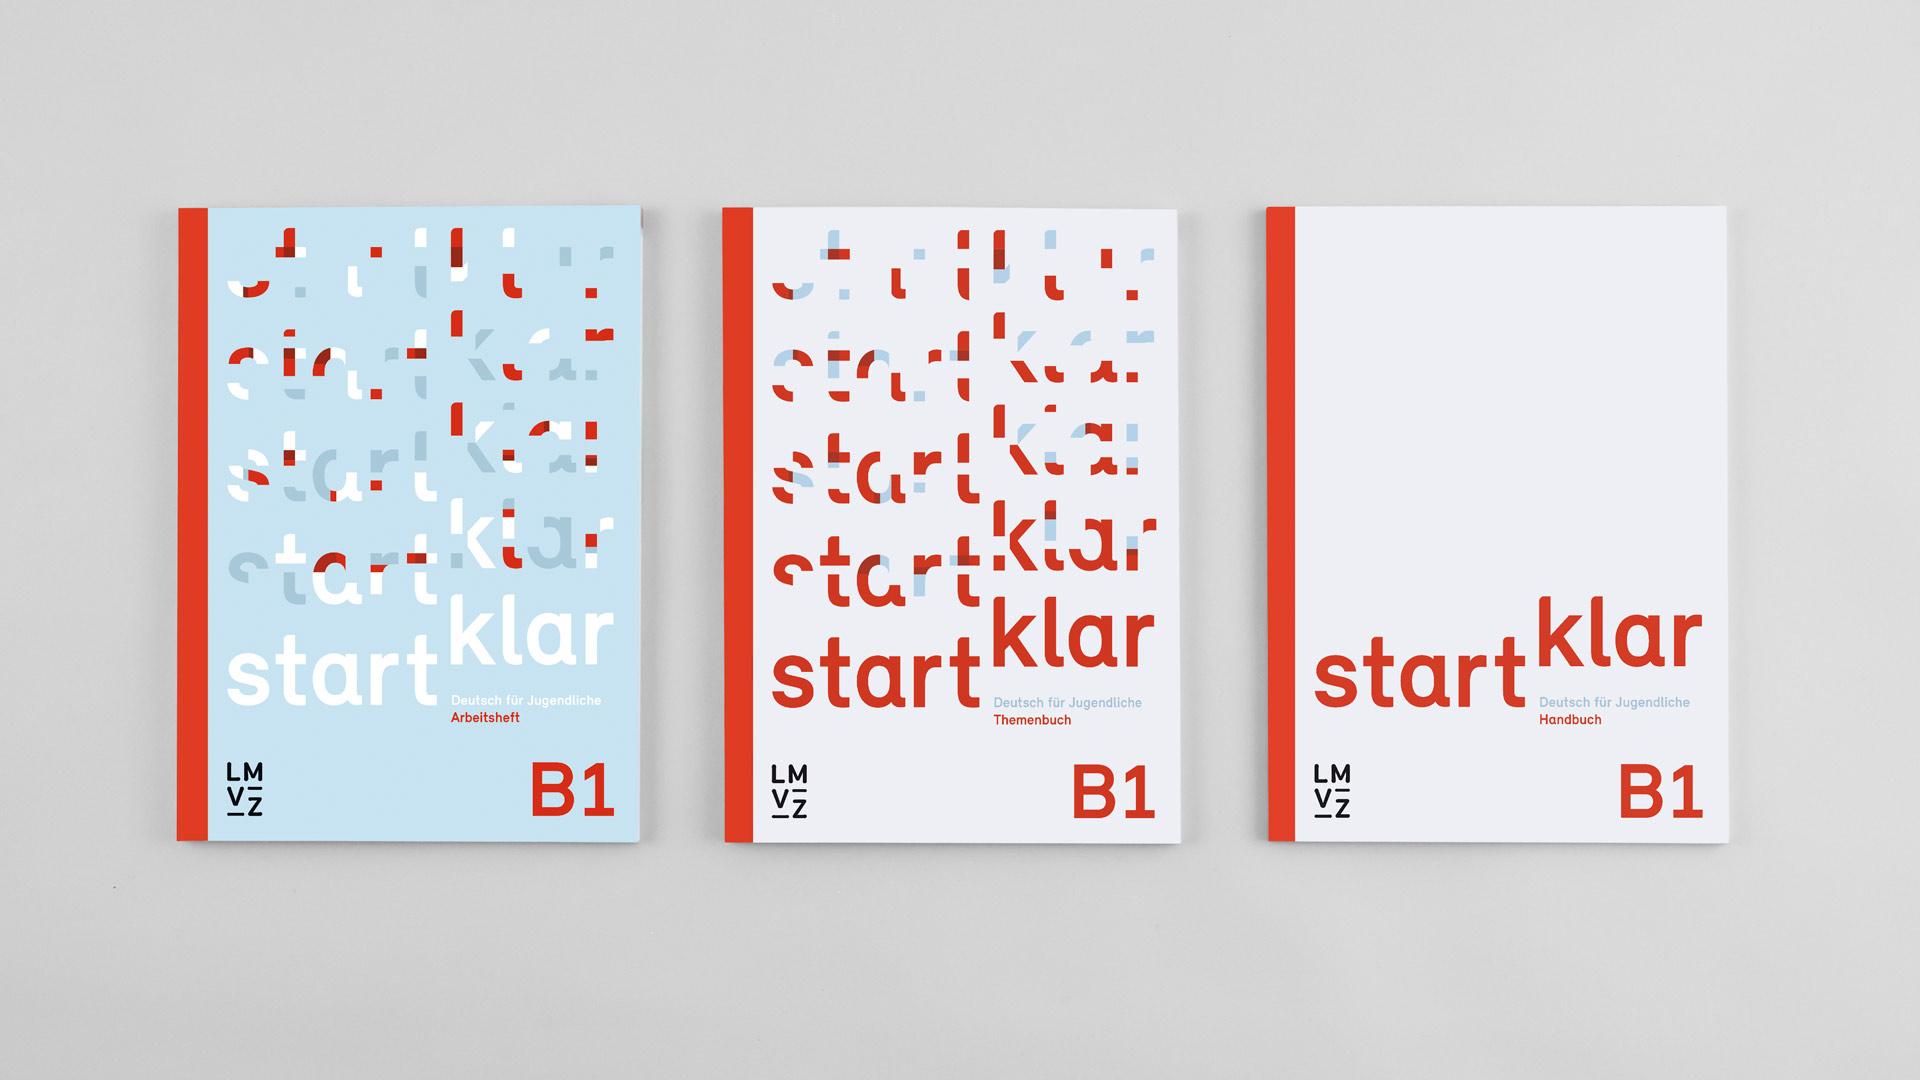 l'équipe [visuelle] – Grafik Werbung Agentur Luzern Emmenbruecke – Lehrmittelverlag-Zuerich – startklar Lehrmittel, Deutsch als Zweitsprache B1